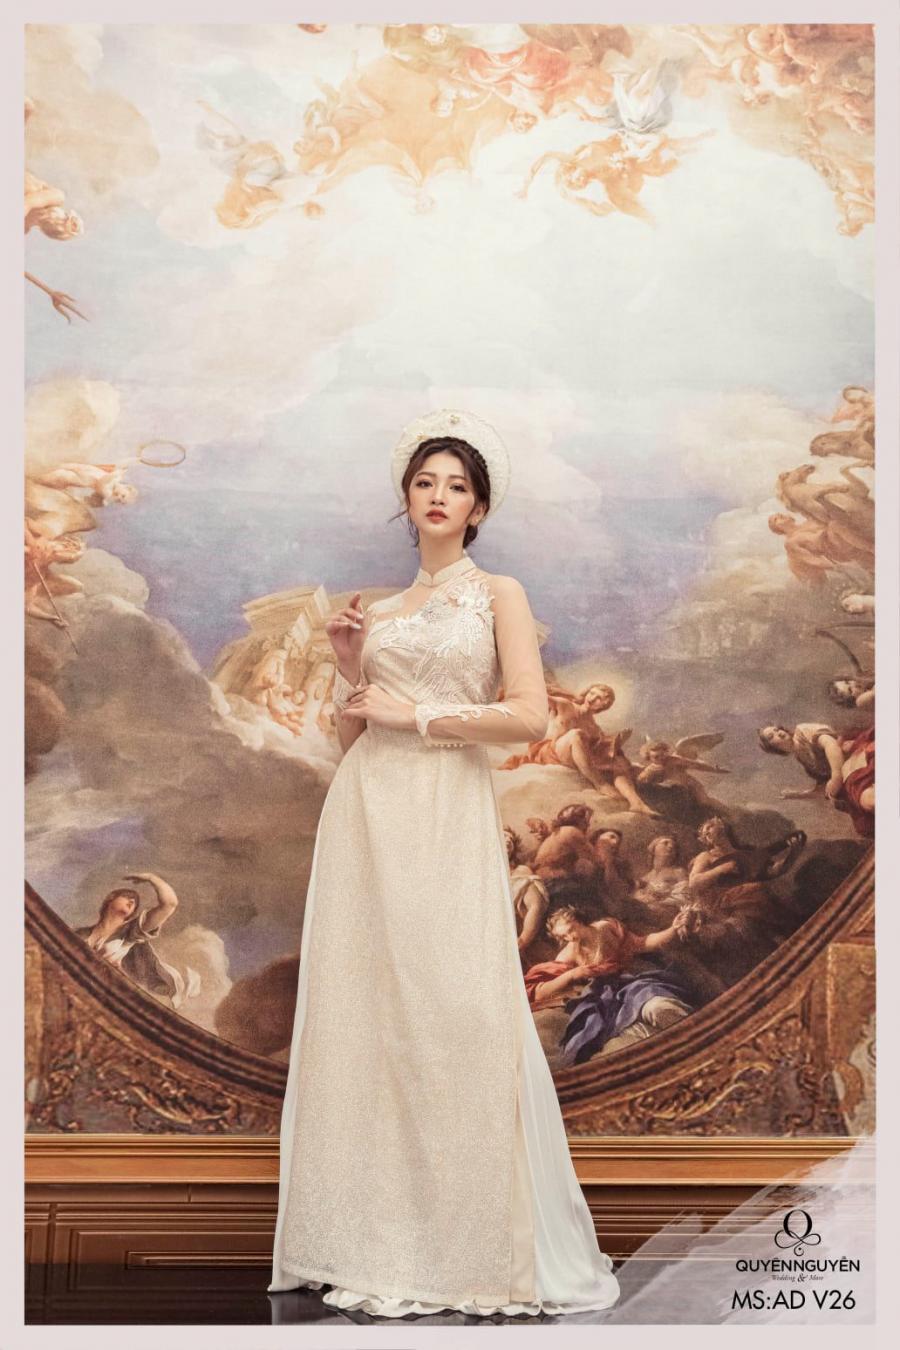 6 mẫu áo dài cưới 2021 màu trắng đẹp nhất hiện nay